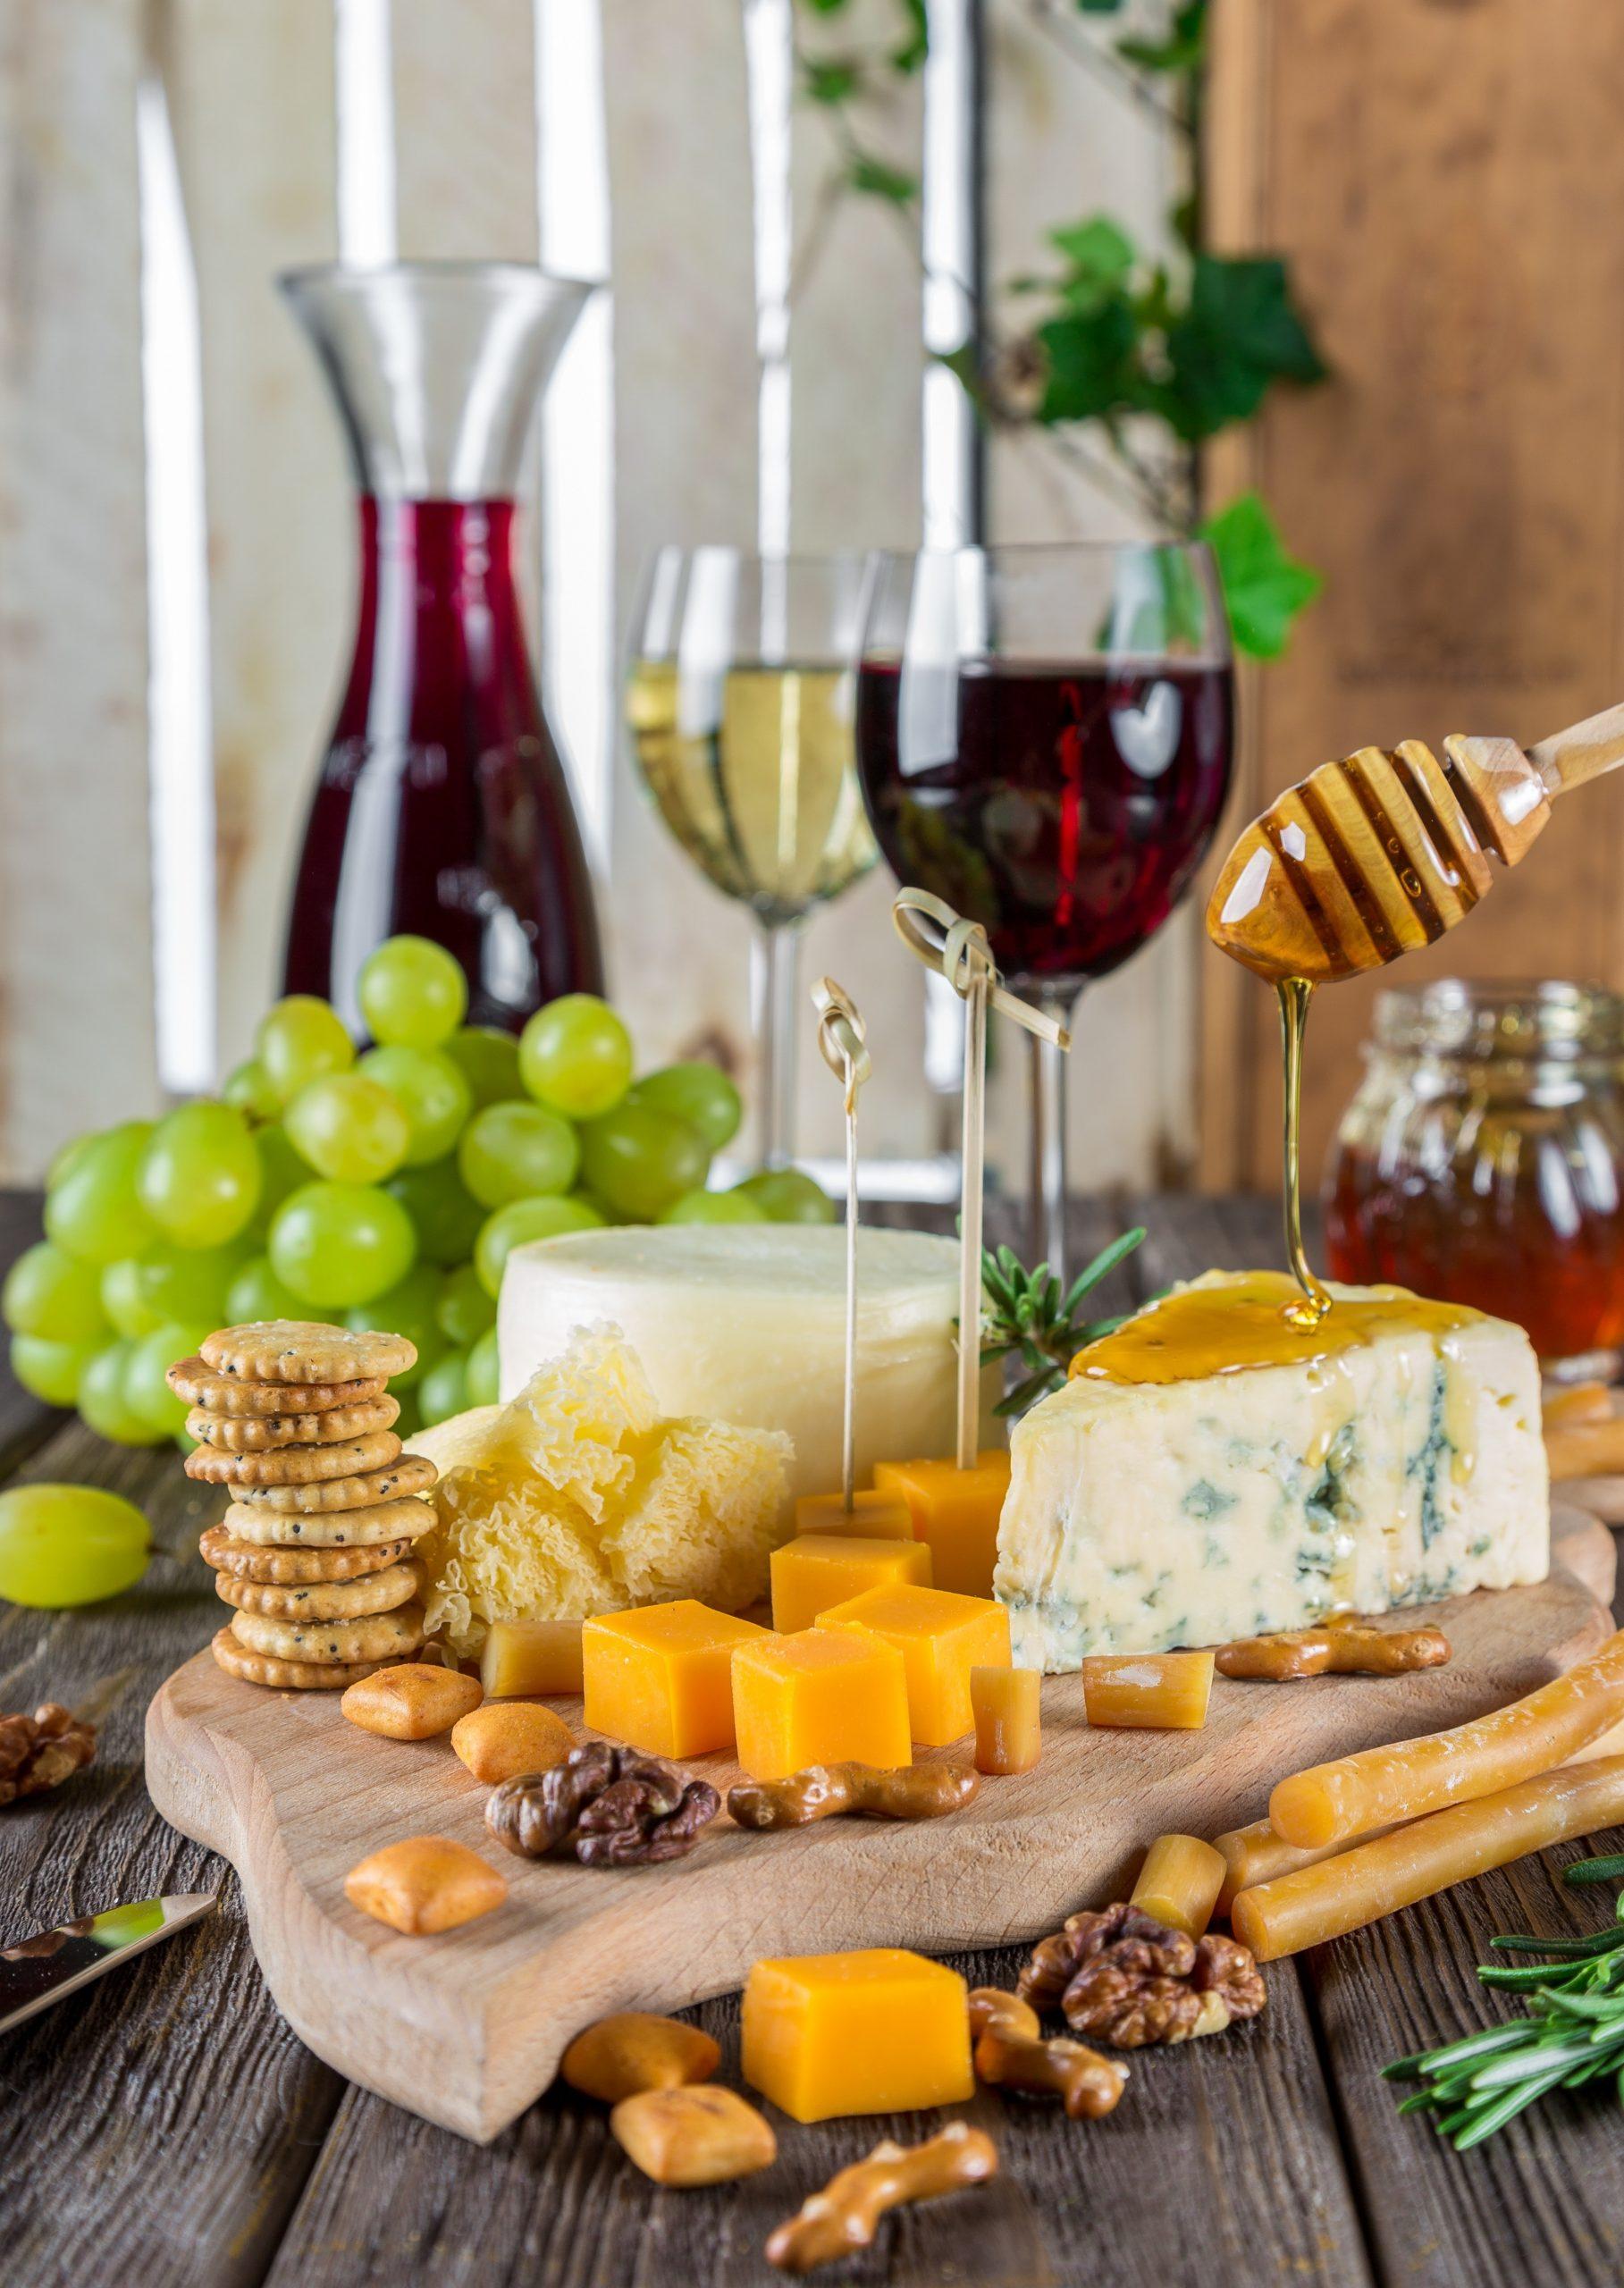 Πιατέα τυριών με κράκερ, σταφύλια, μέλι και κρασί